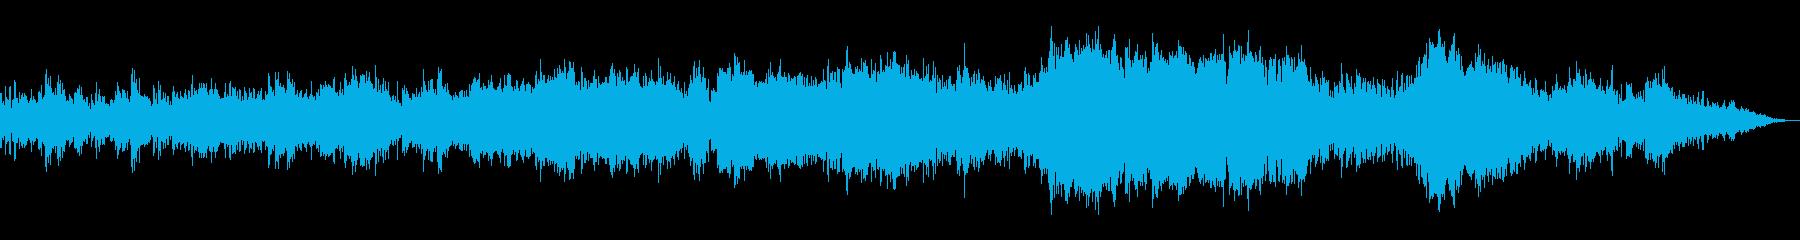 チェロとライブ感溢れるフルートの幻想曲の再生済みの波形